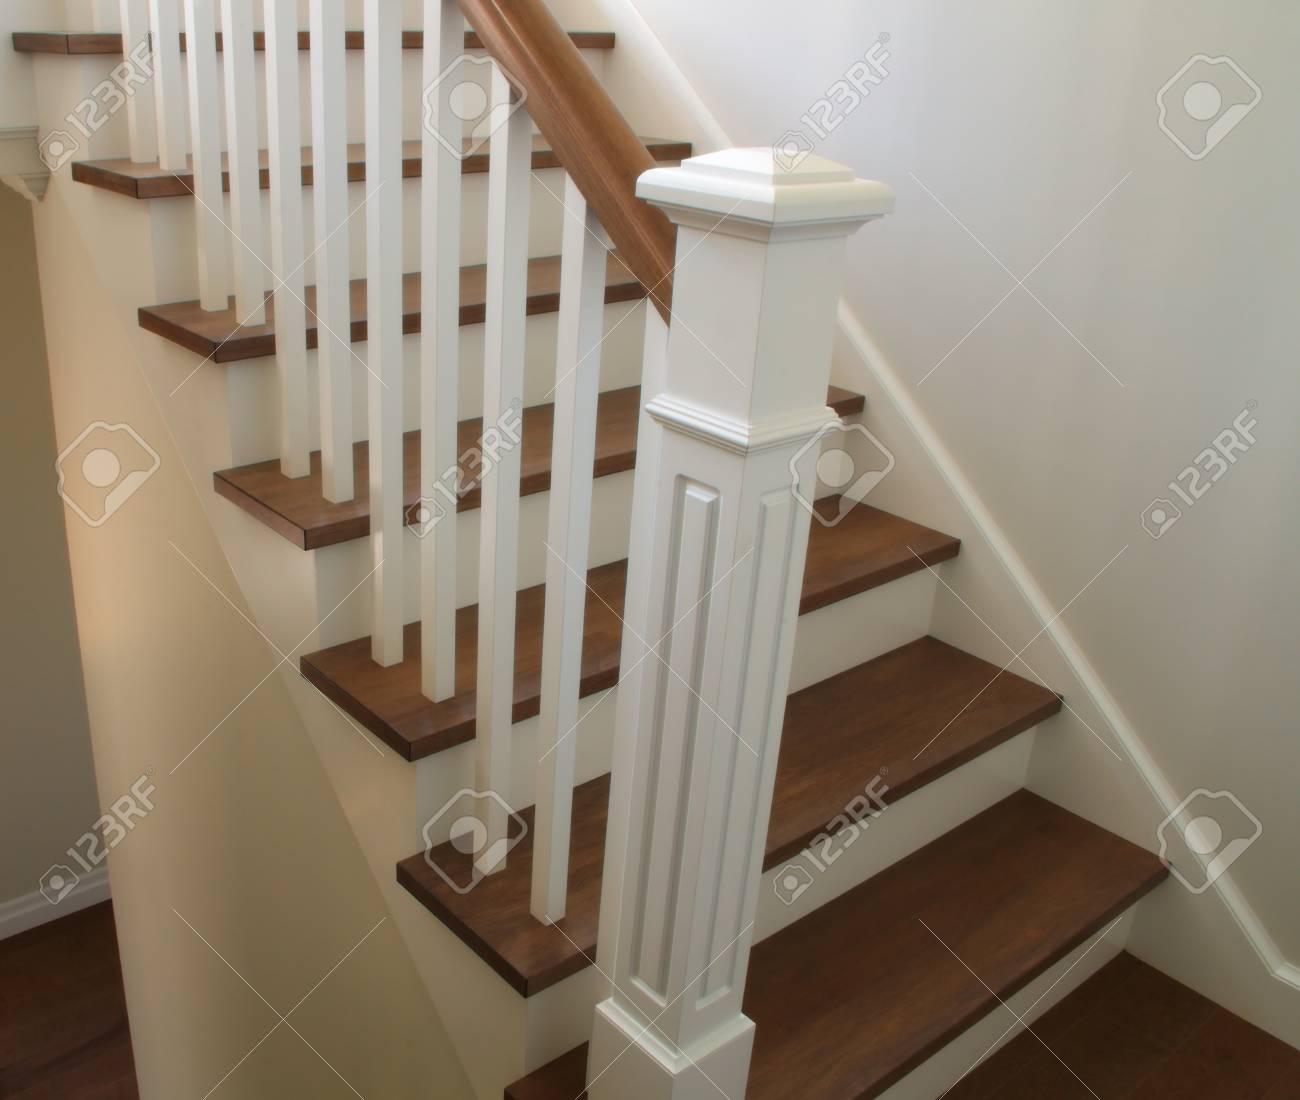 Escalier intérieur classique style bois escalier moderne